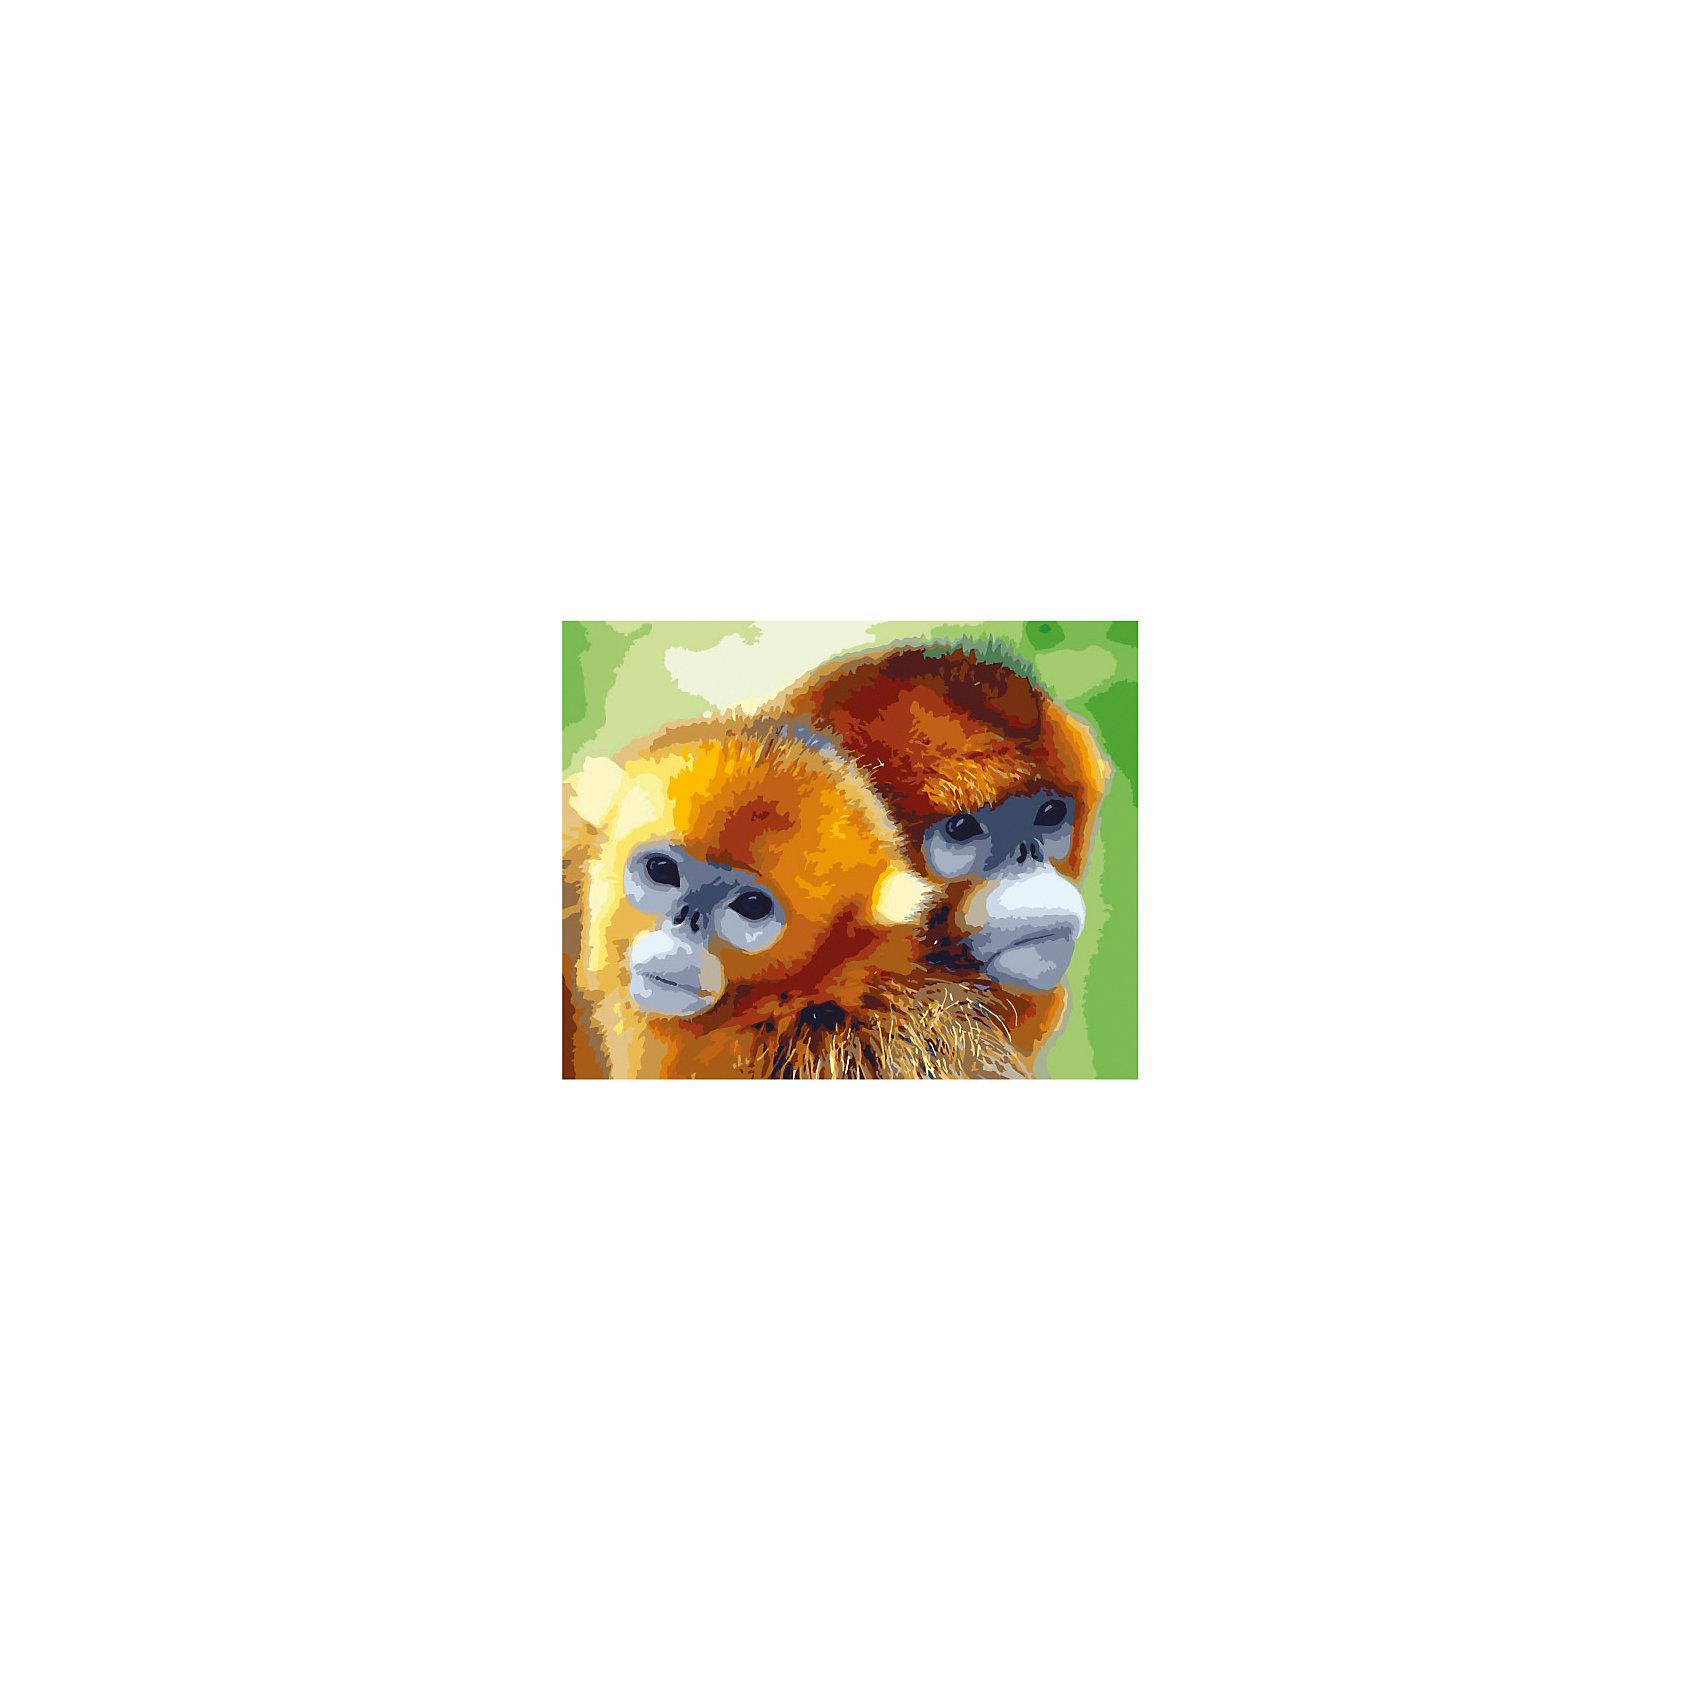 Роспись холста по номерам ОБЕЗЬЯНКИ, 40х50смРисование<br>Добро пожаловать в мир Креатто! Даже если вы никогда не ощущали в себе дара художника, у вас легко получится создать прекрасную картину «Обезьянки». Сделать это сможет любой человек от 7 до 99 лет. Для этого нужно раскрасить пронумерованные фрагменты рисунка пронумерованными цветами красок, которые ровно ложатся на холст и тщательно закрашивают контуры. Рисунок можно сделать интереснее: создайте прозрачность красок, разбавив их водой, и специальные эффекты, раскрасив рисунок в несколько слоев. А если вы что-то напутаете, то исправить ошибку поможет дополнительная схема рисунка. Такое занятие приятно и для детей, и для взрослых. Но главное – это результат: раскрашенная картина великолепно украсит интерьер или станет потрясающим подарком. &#13;<br>В наборе для росписи холста по номерам: холст 40х50 см с нанесенным рисунком, акриловые краски (25 цветов), 3 кисточки, крепежные петли для подвешивания холста, контрольная схема рисунка. Эксклюзивный дизайн. Товар сертифицирован. 7+. Срок годности – 3 года.<br><br>Ширина мм: 500<br>Глубина мм: 400<br>Высота мм: 15<br>Вес г: 479<br>Возраст от месяцев: 84<br>Возраст до месяцев: 144<br>Пол: Унисекс<br>Возраст: Детский<br>SKU: 5016414